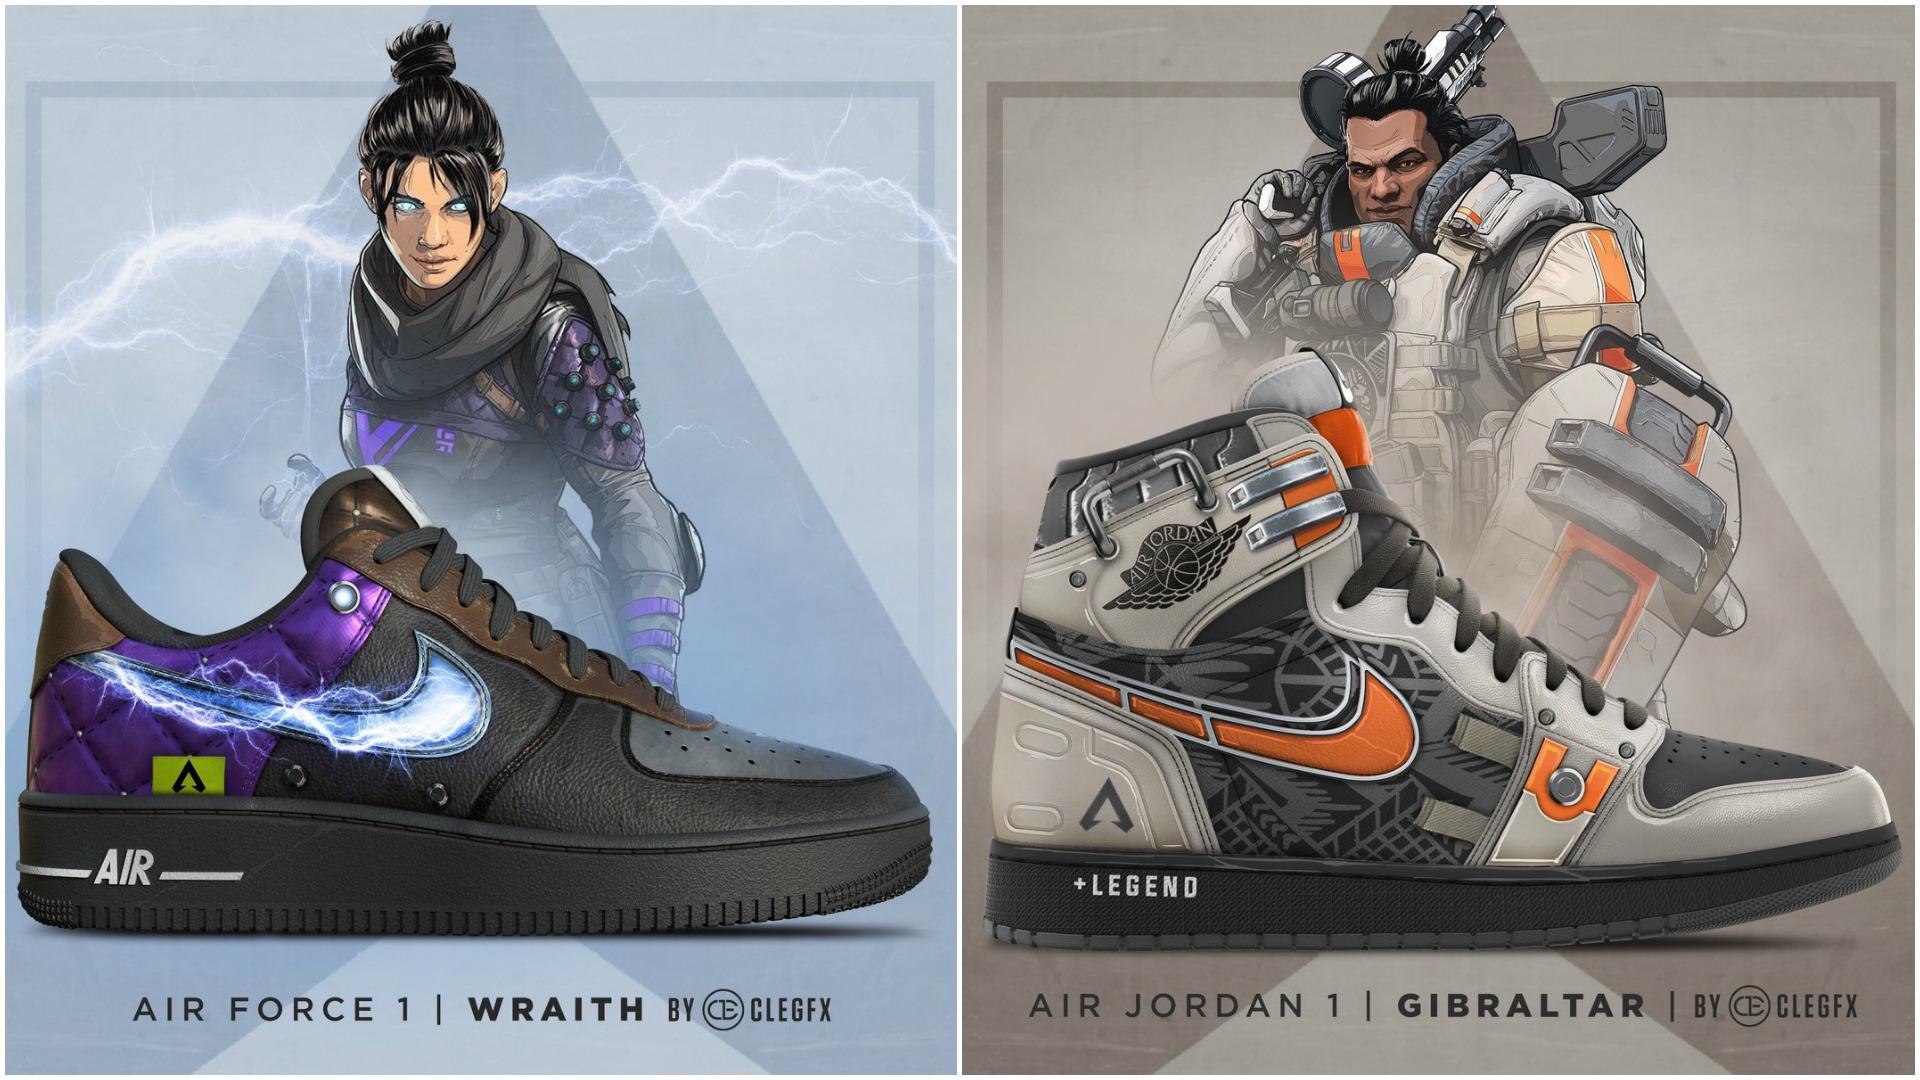 Les chaussures que tout le monde veut. |